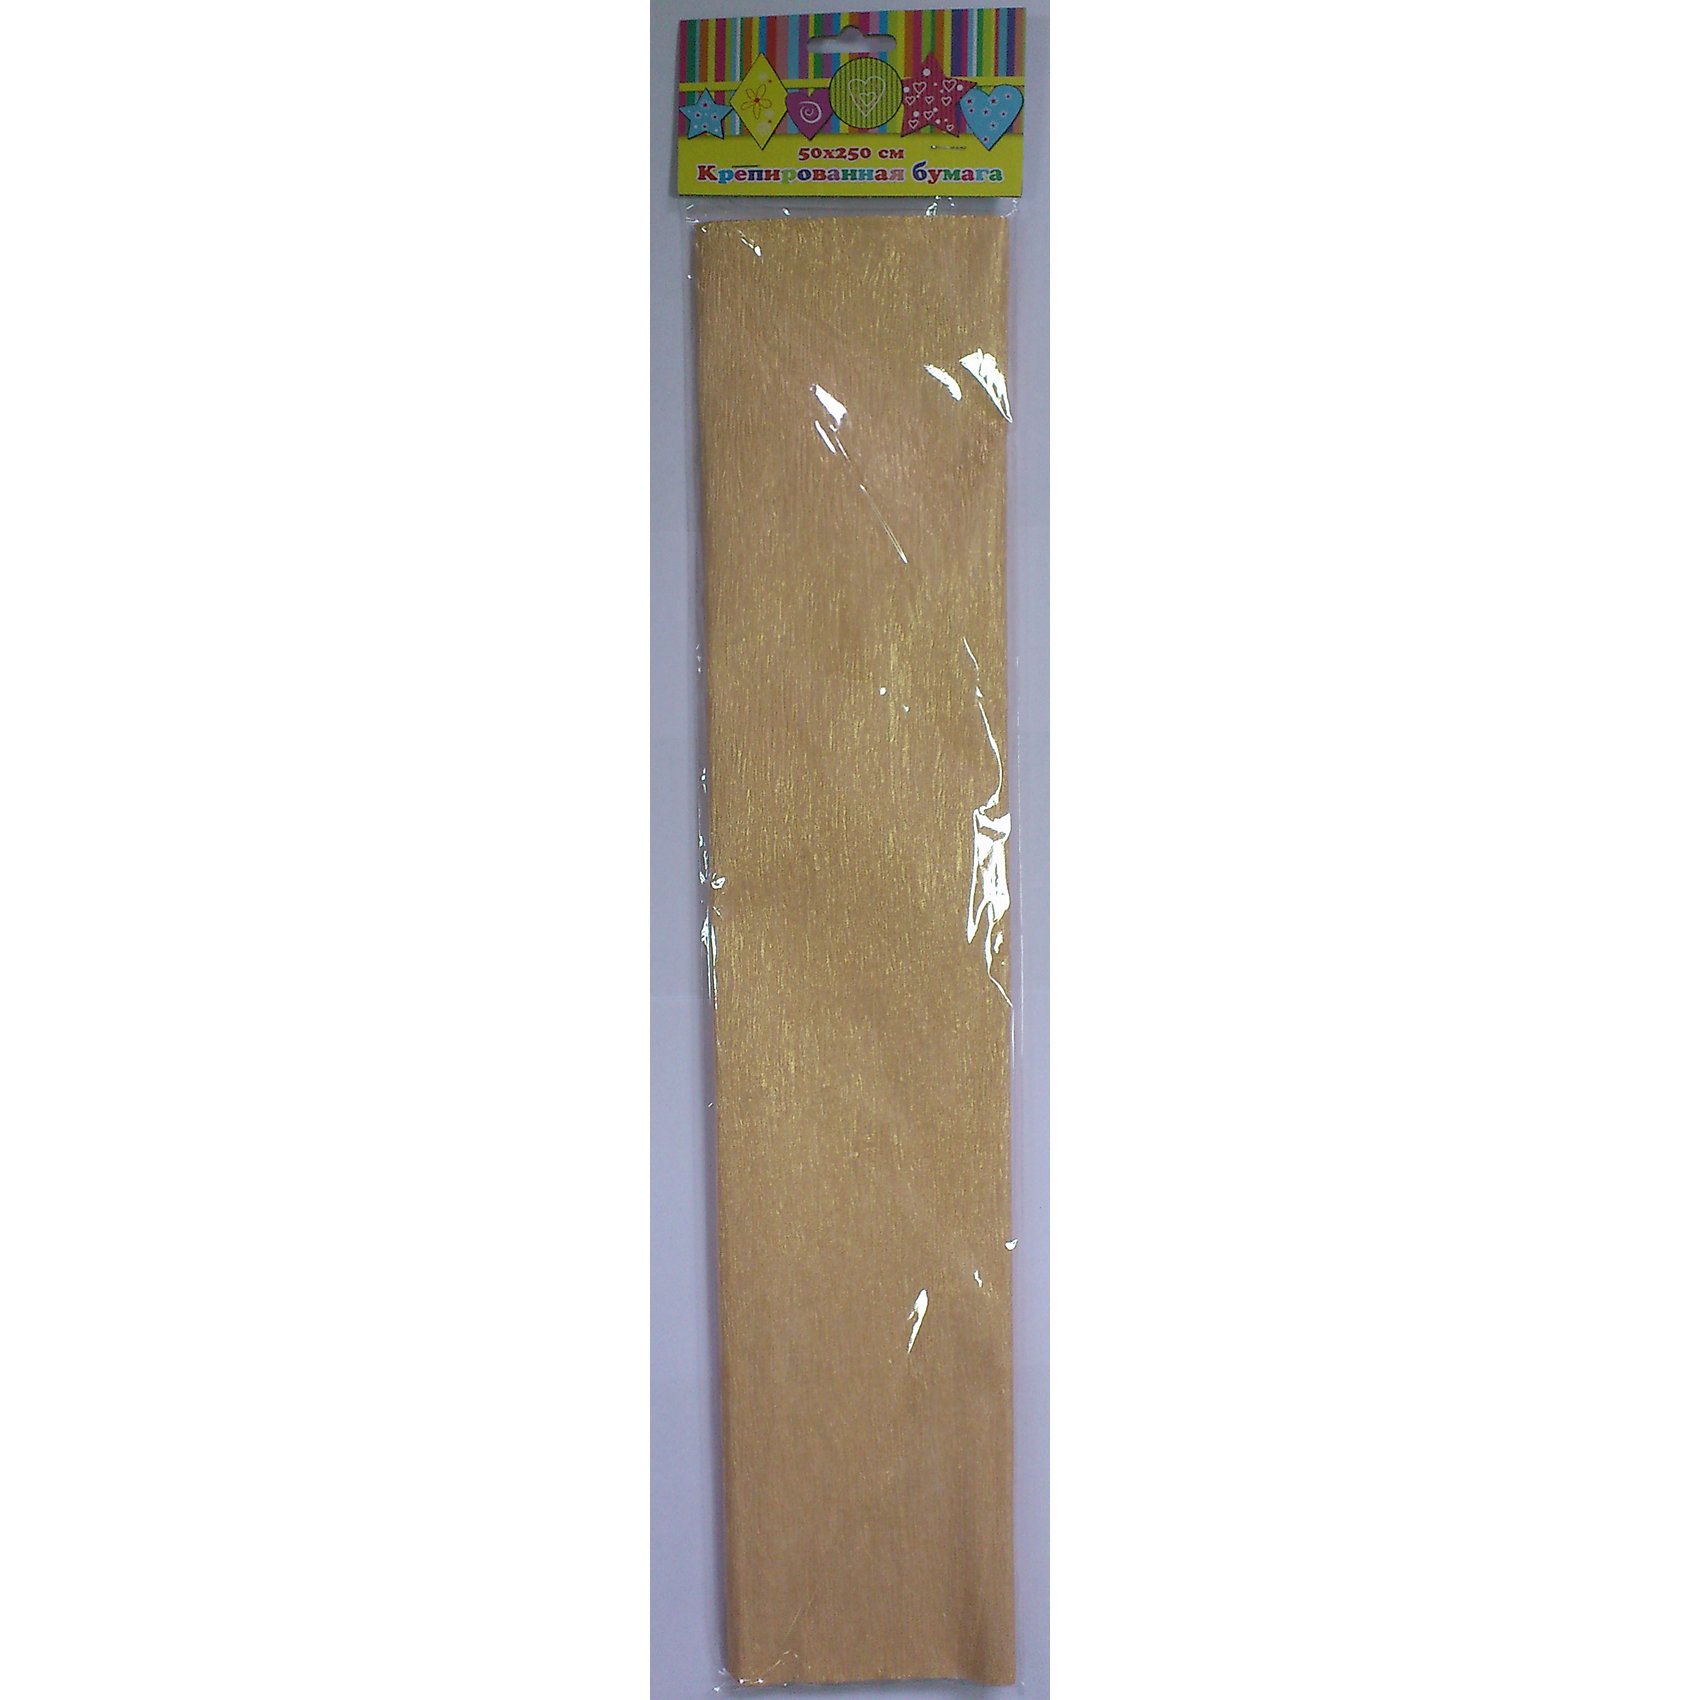 Феникс+ Бумага желтая перламутровая крепированная подставка для зубочисток nuova cer итальянские фрукты nc7407 cem al